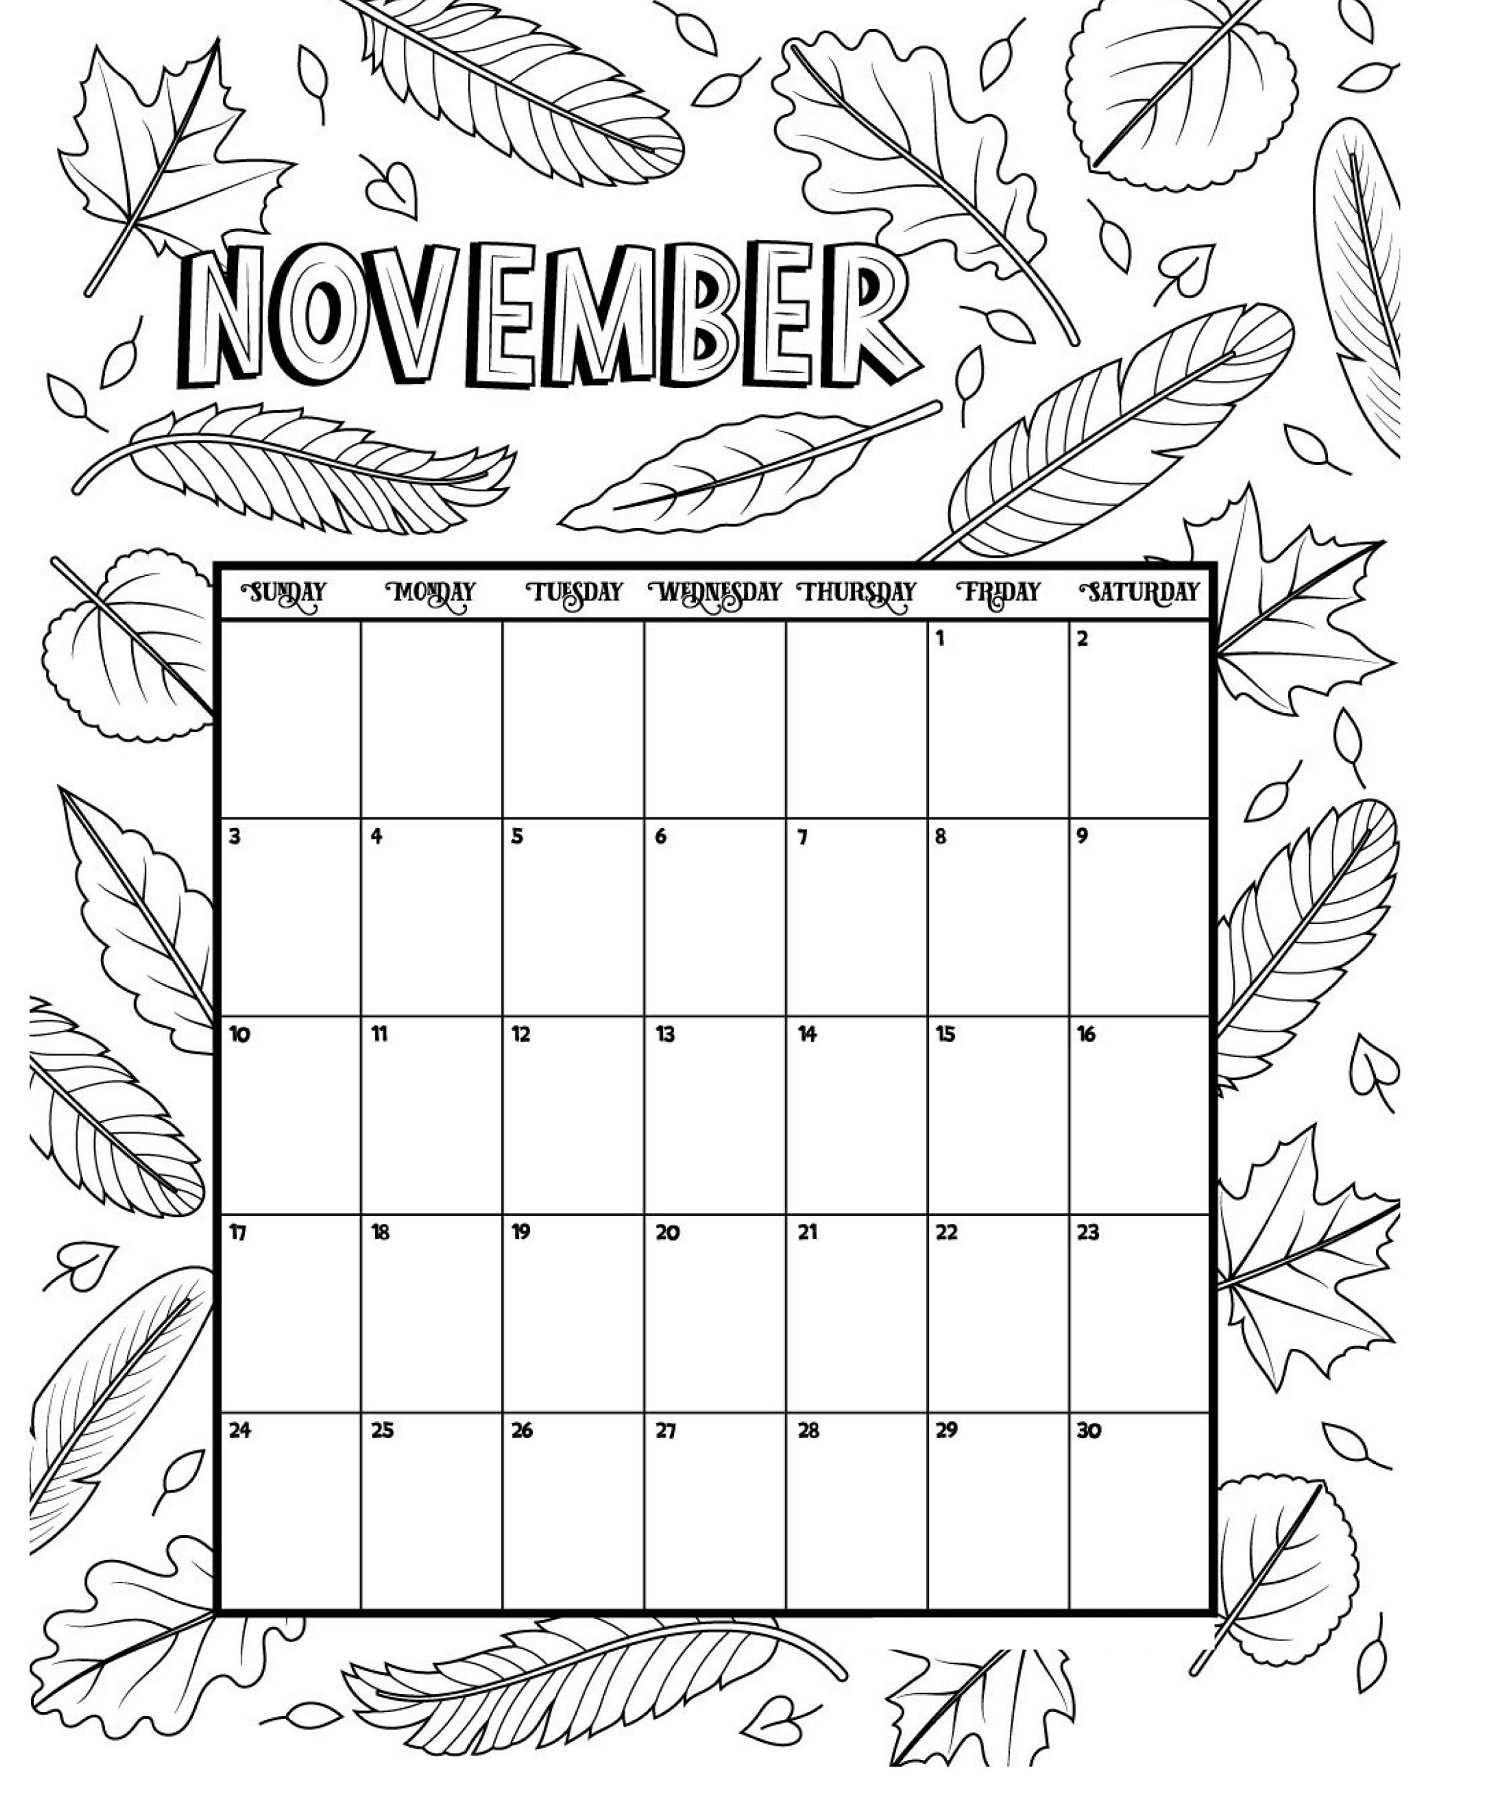 November Printable Coloring Calendar